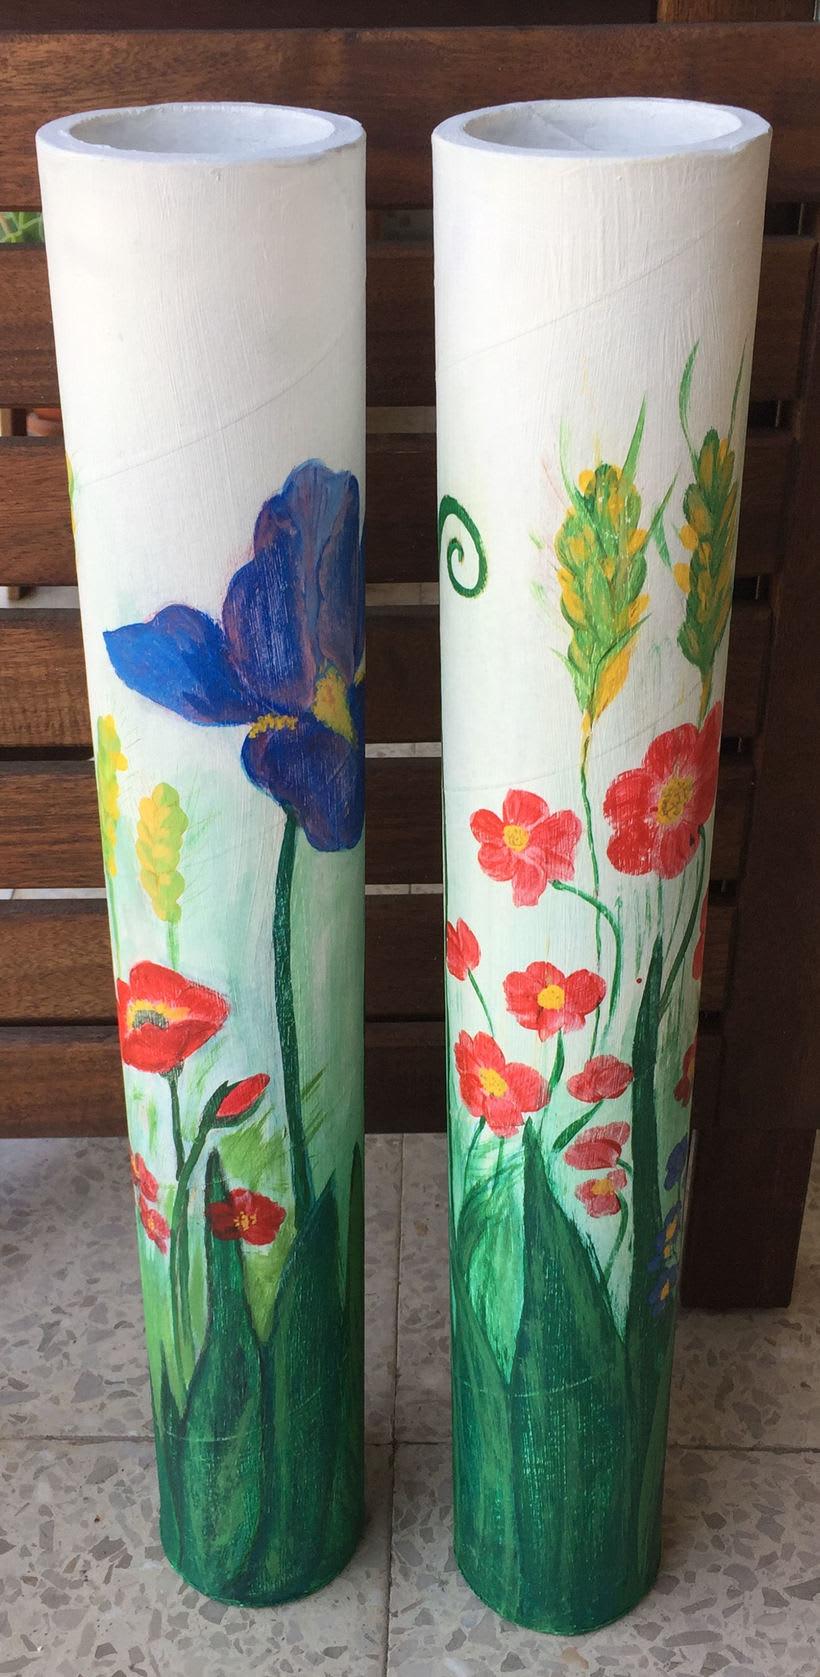 Elementos decorativos con tubos de cartón industrial 2